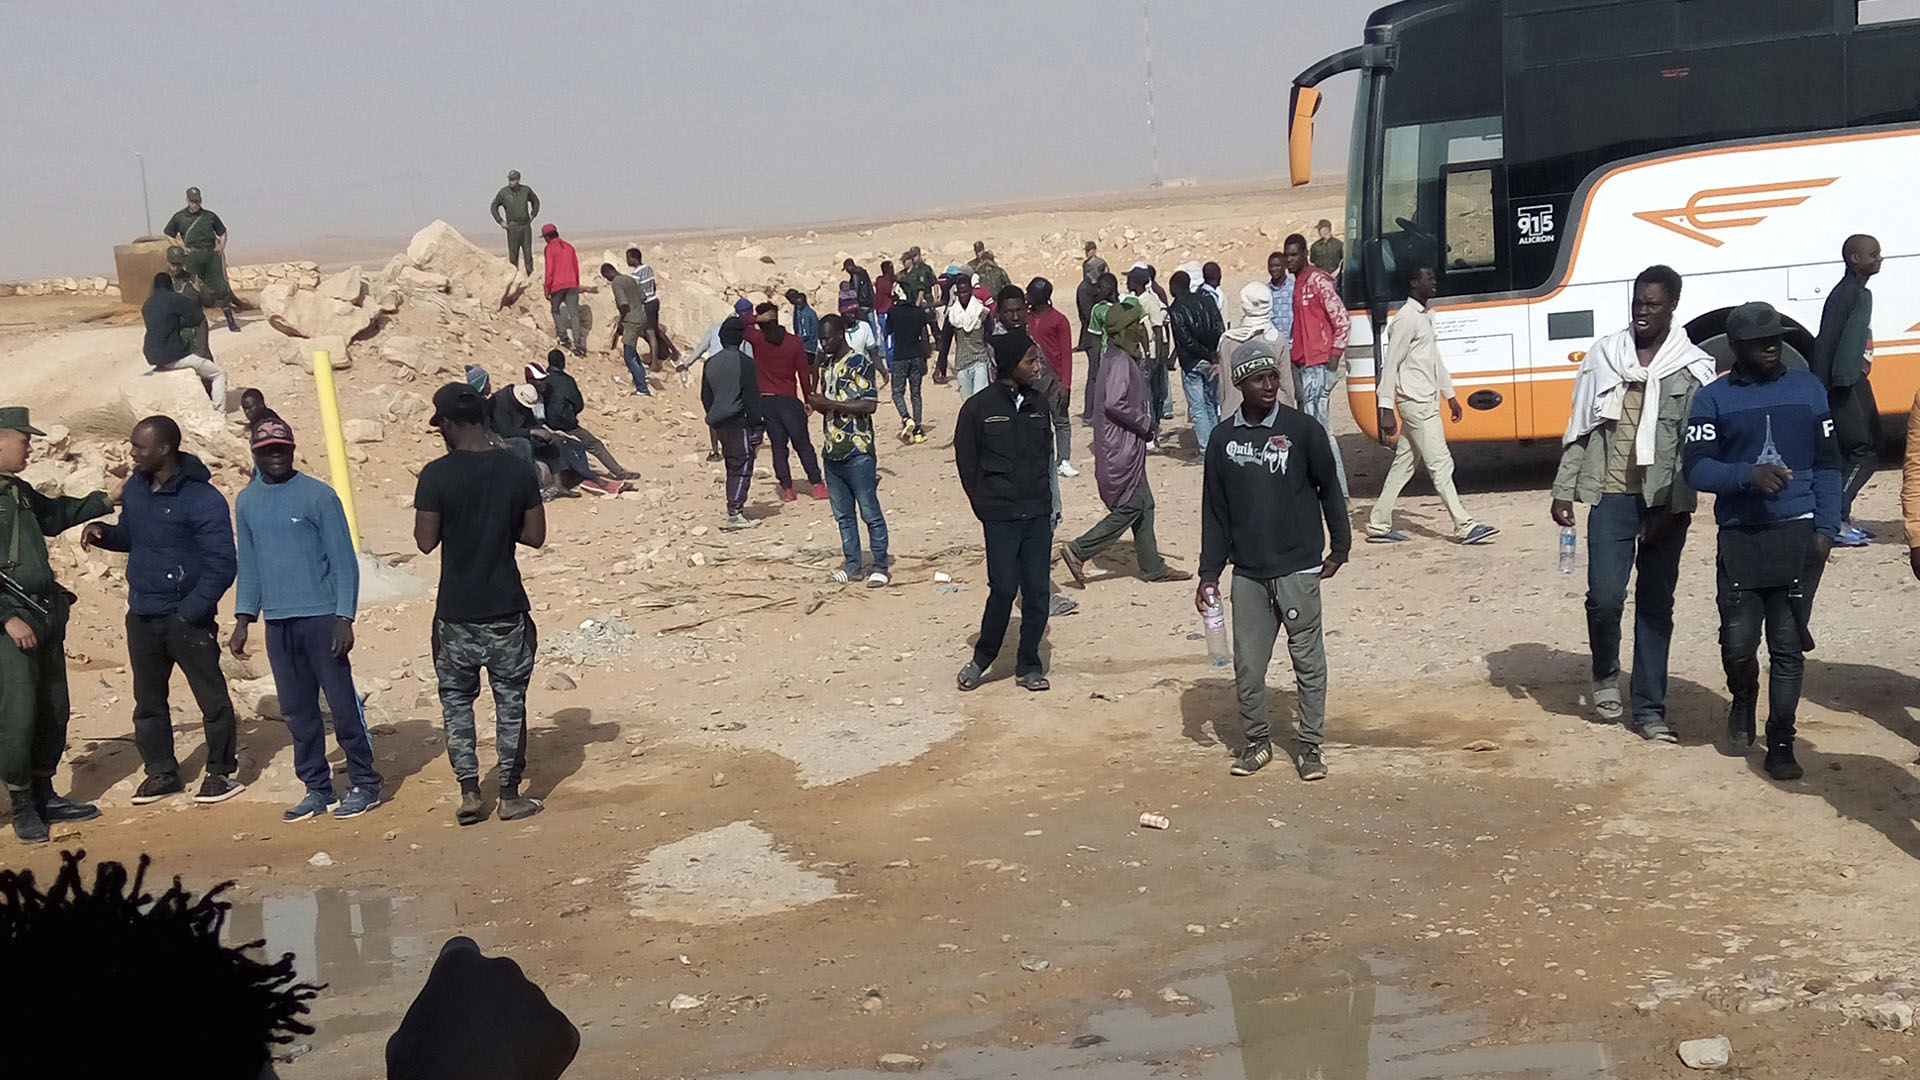 Un grupo de migrantes espera la deportación mientras es vigilado por soldados argelinos (AP)